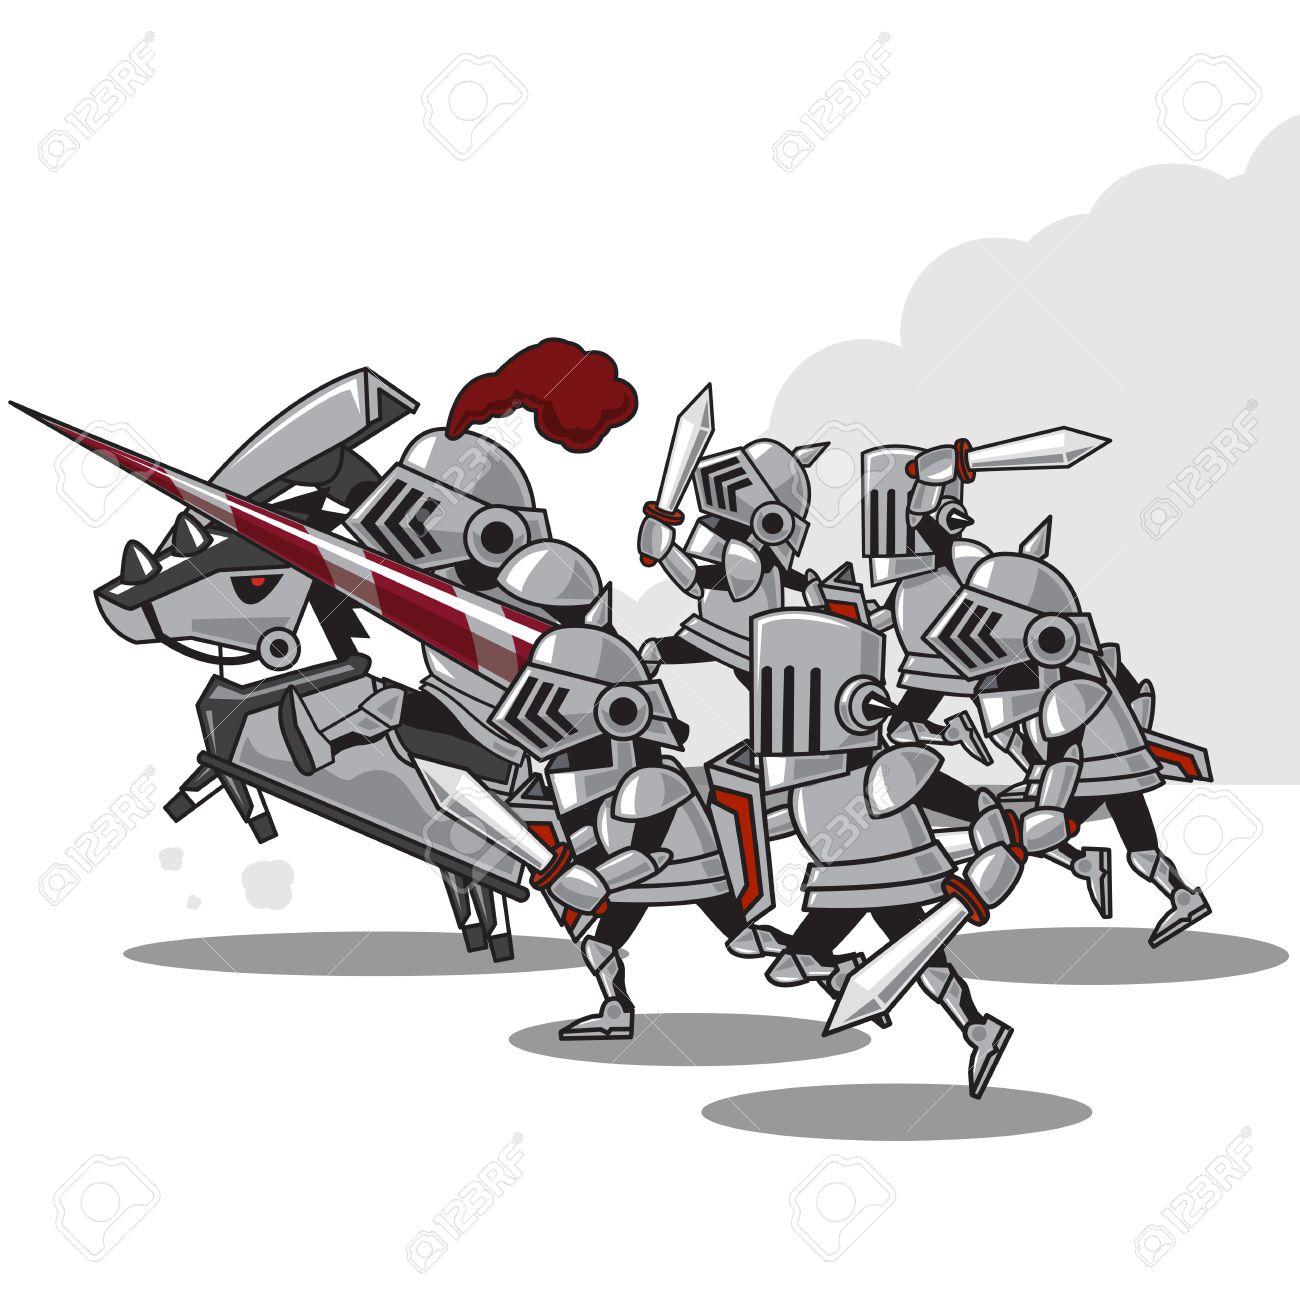 騎士の攻撃 ベクトル イラストのイラスト素材ベクタ Image 25503942